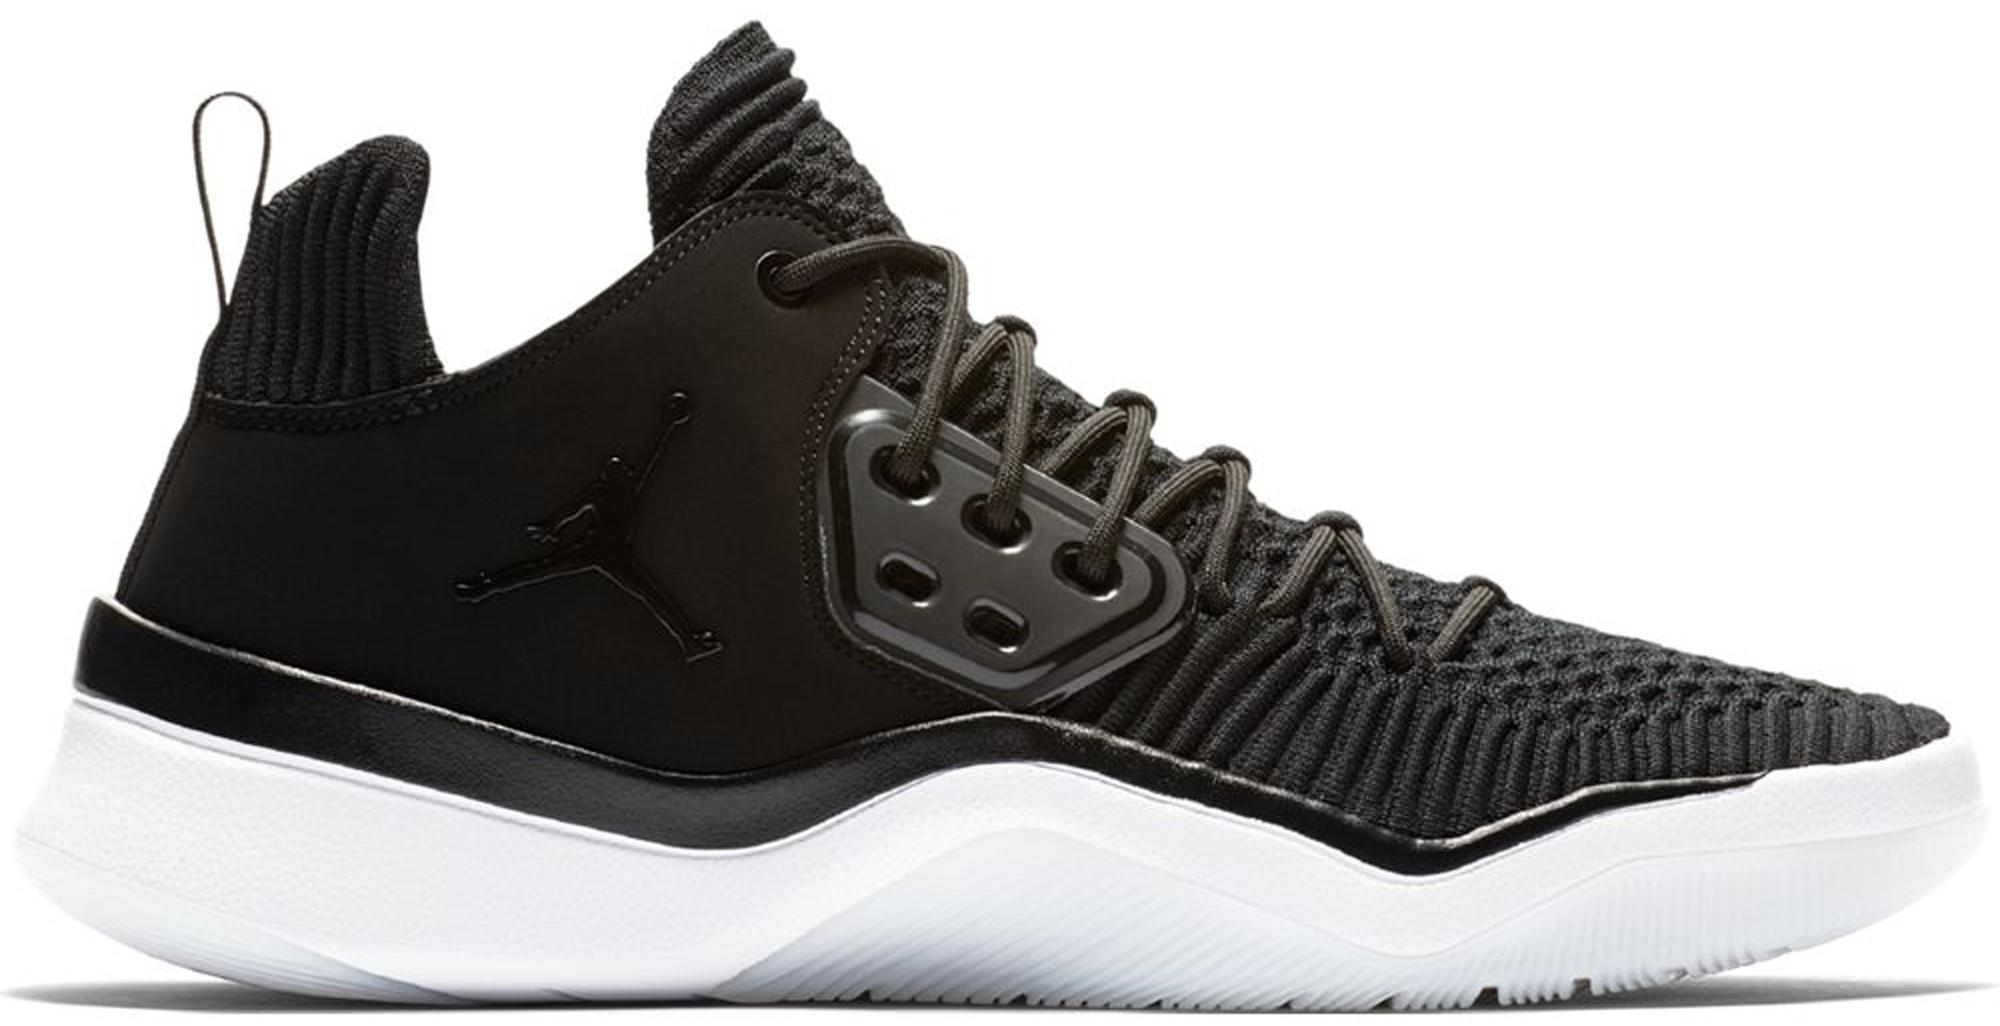 Jordan DNA LX Black White - AO2649-001